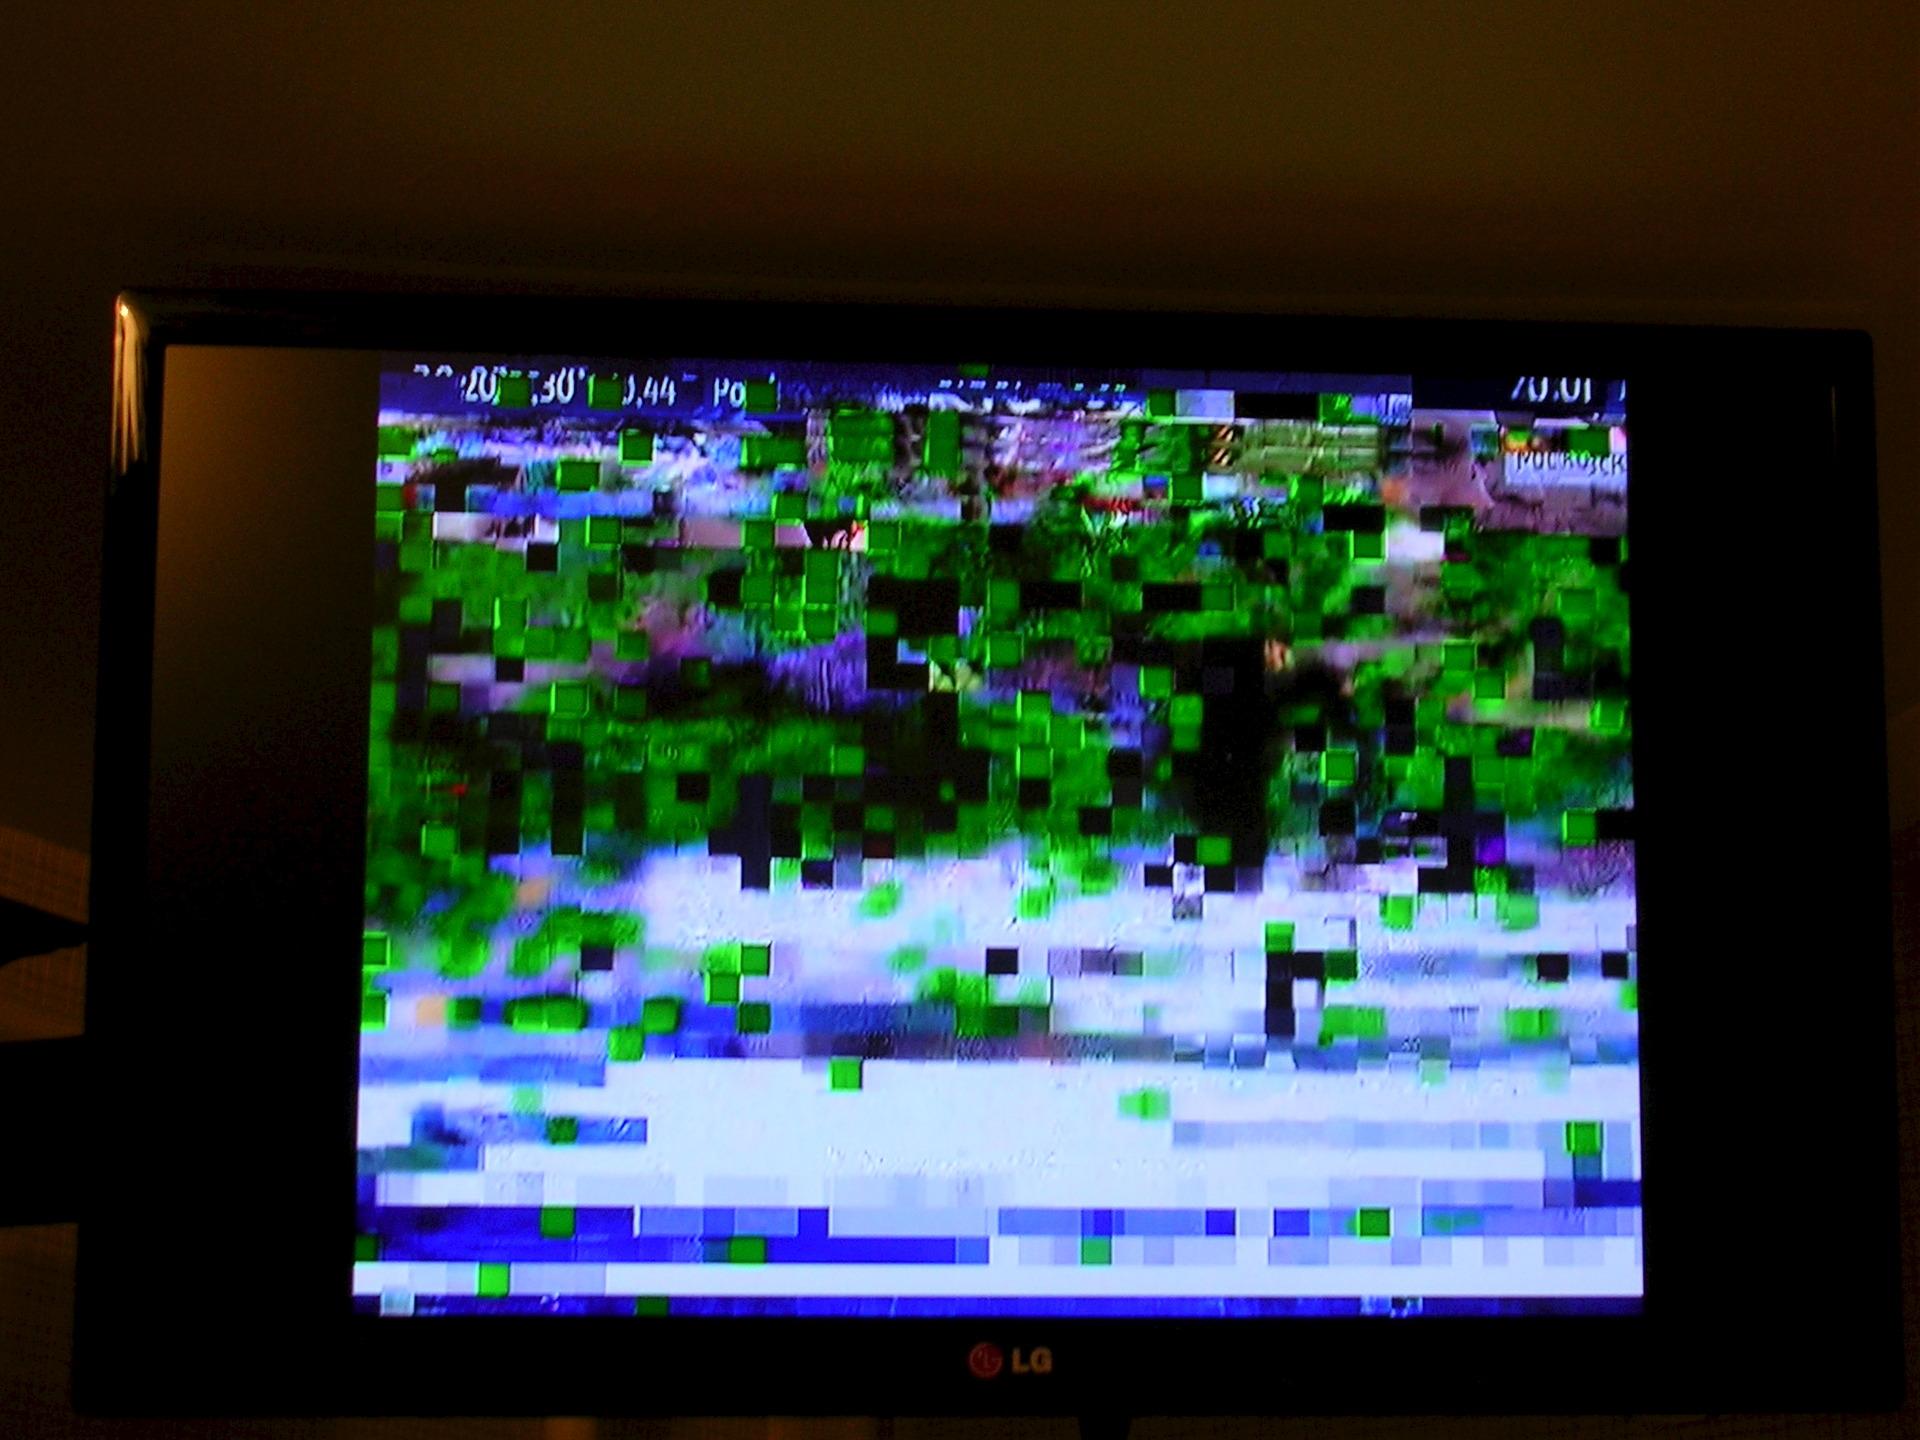 Как сделать картинку iptv на весь экран